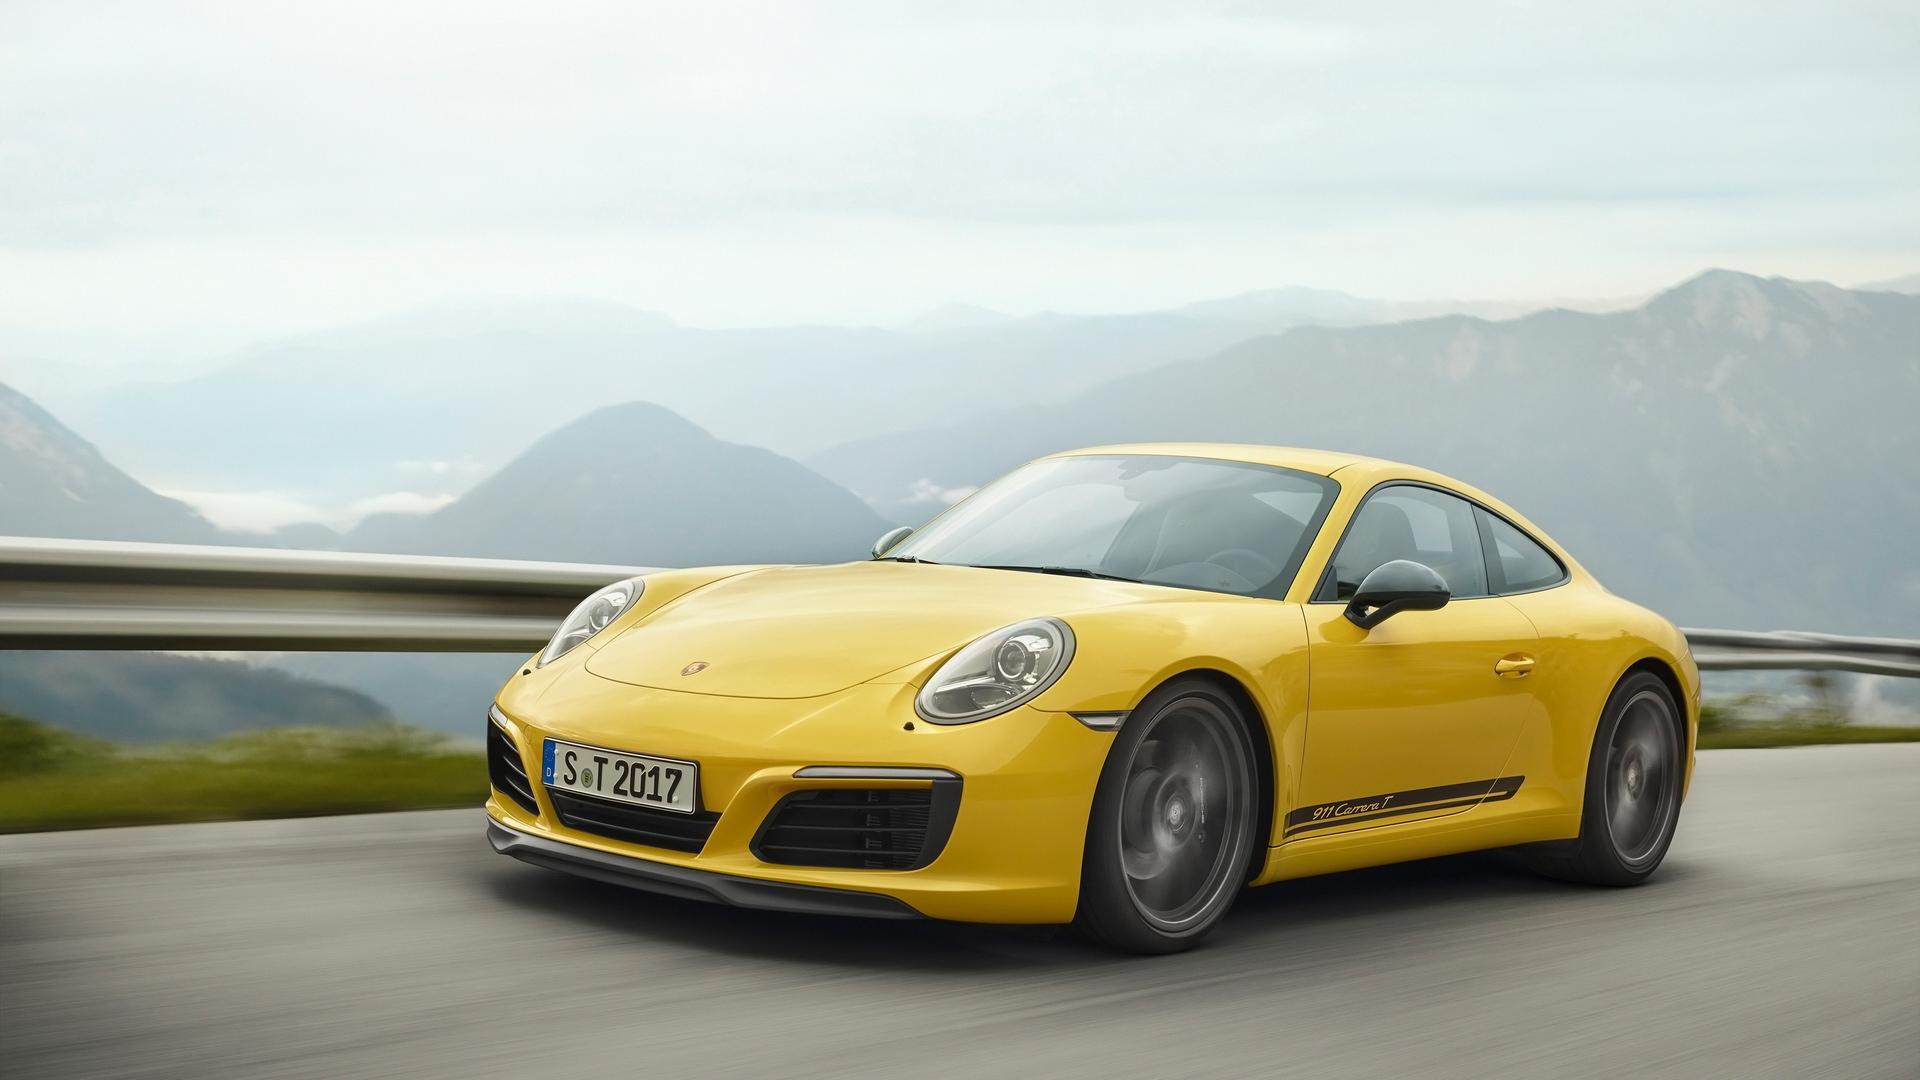 保时捷911黄色跑车高清汽车图片桌面壁纸